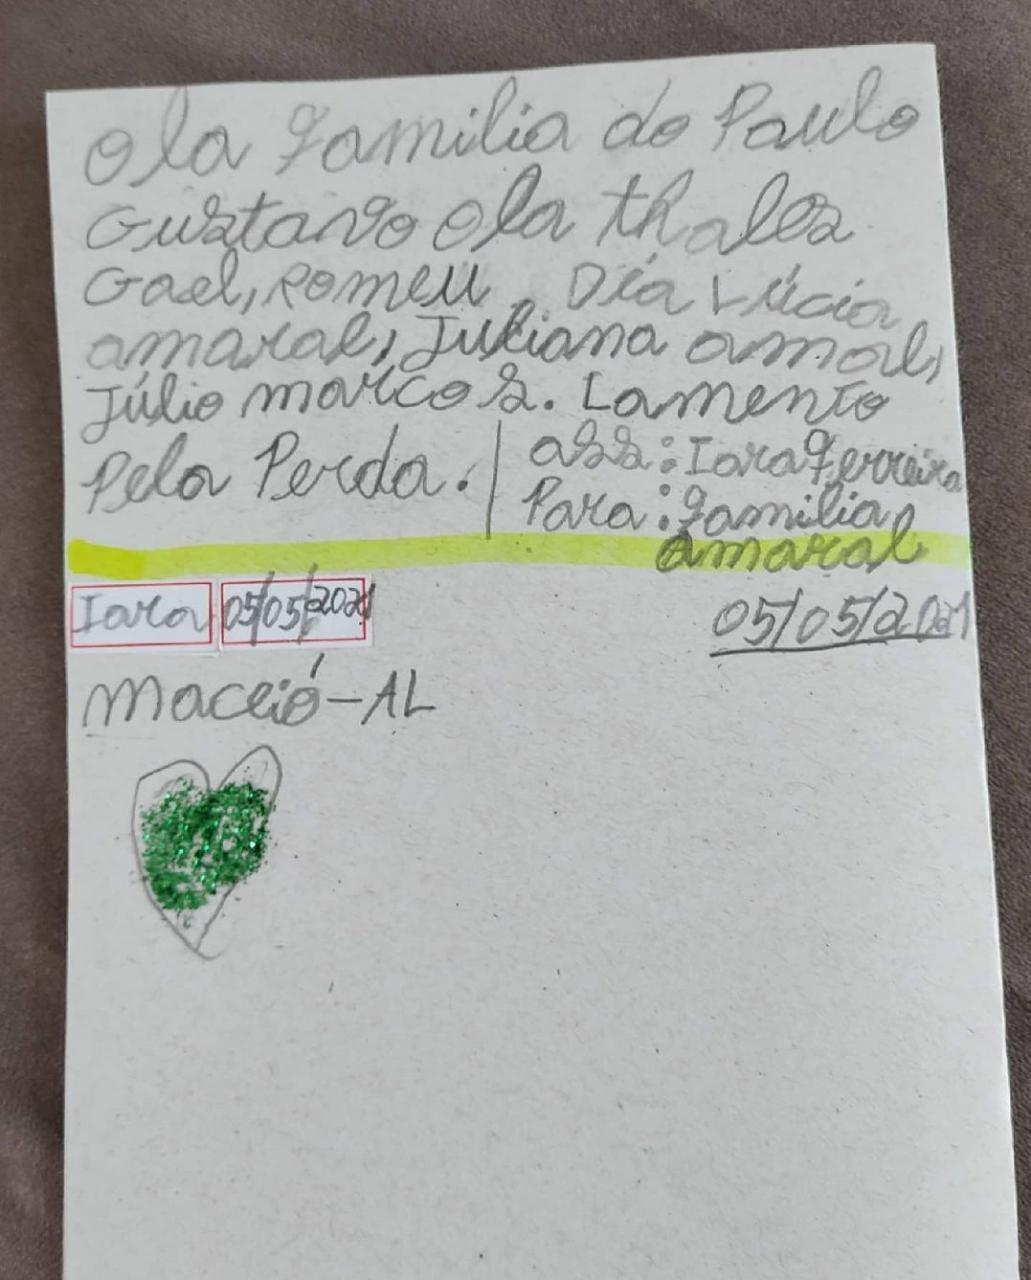 Fã de 10 anos escreve carta para a família de Paulo Gustavo: 'Lamento pela perda'